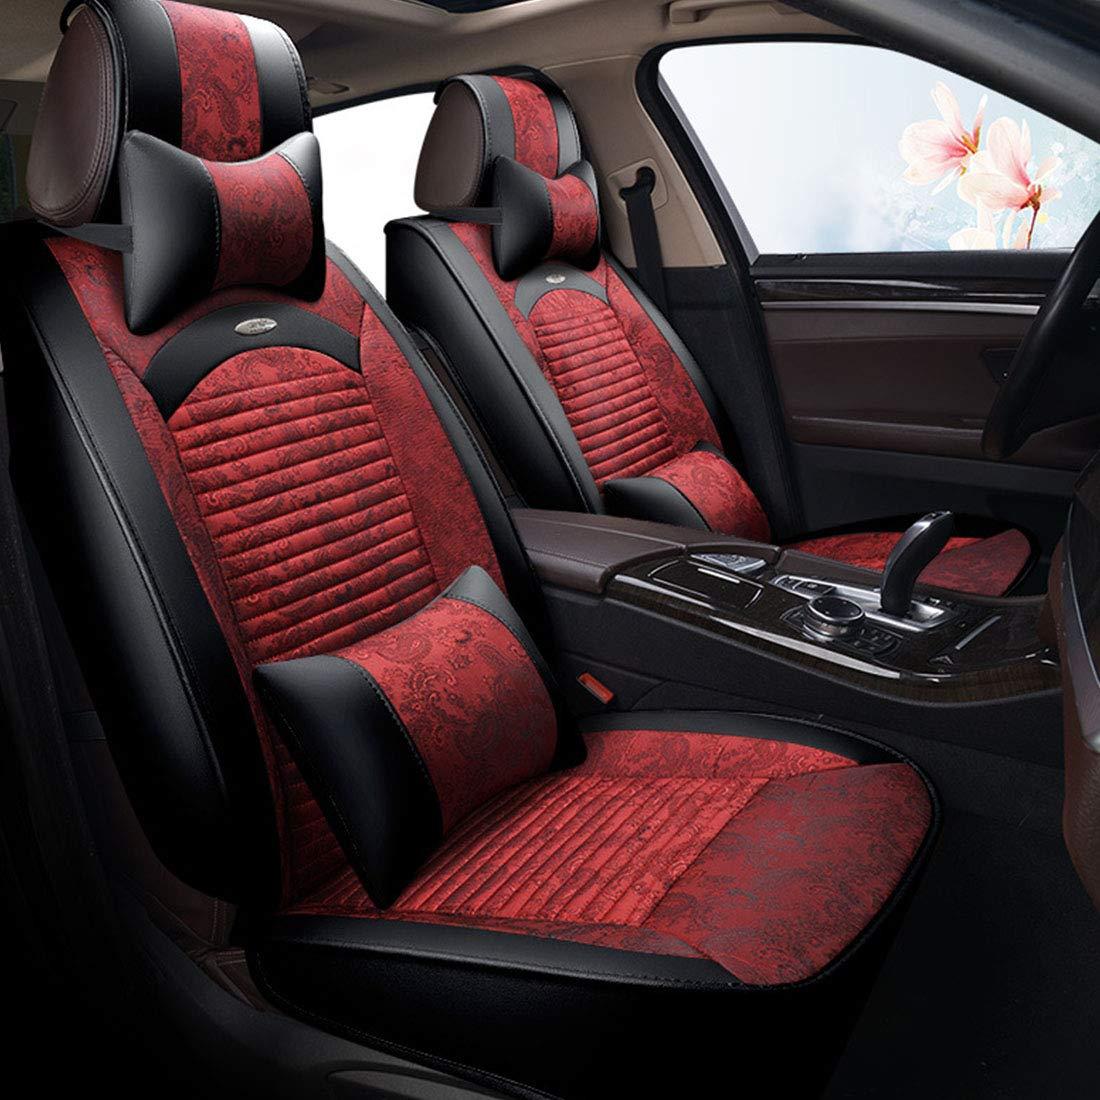 YUMUYMEY Verschleißfestes Leder-luftdurchlässiges Autokissen Volles Paket-Design von fünf universell geeigneten Kissen für Vier Jahreszeiten (Color : Red)